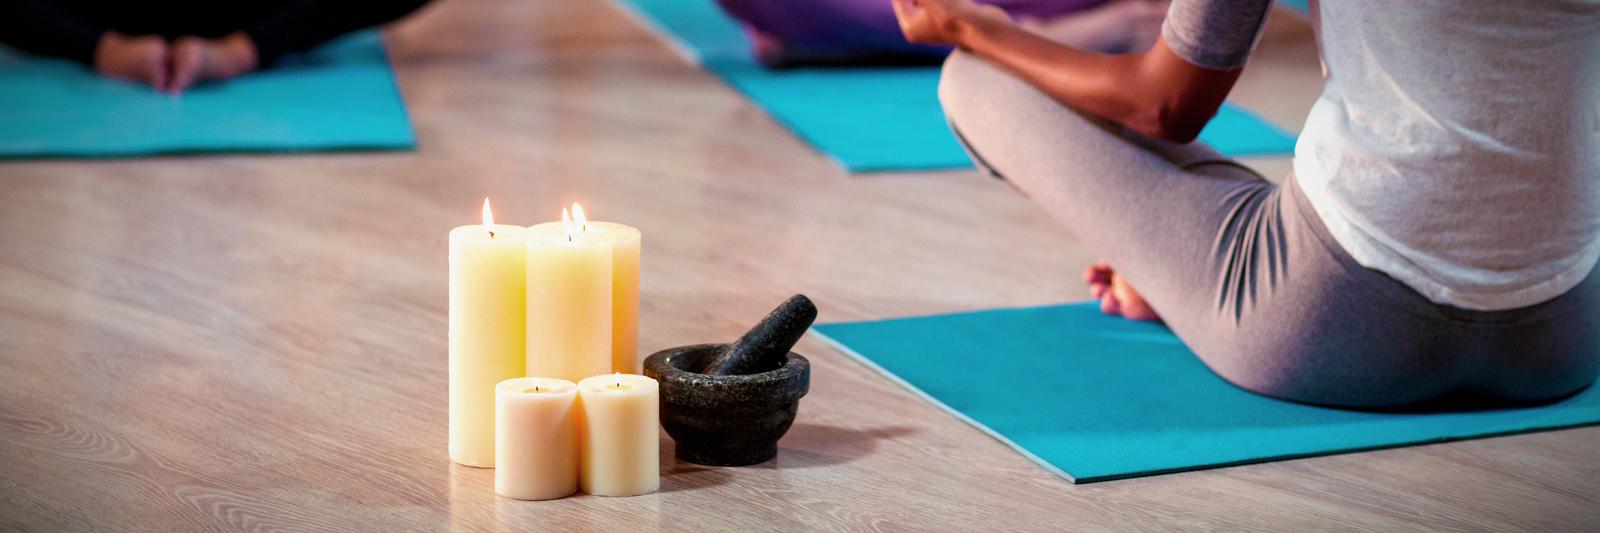 instructeur de yoga qui donne un cours